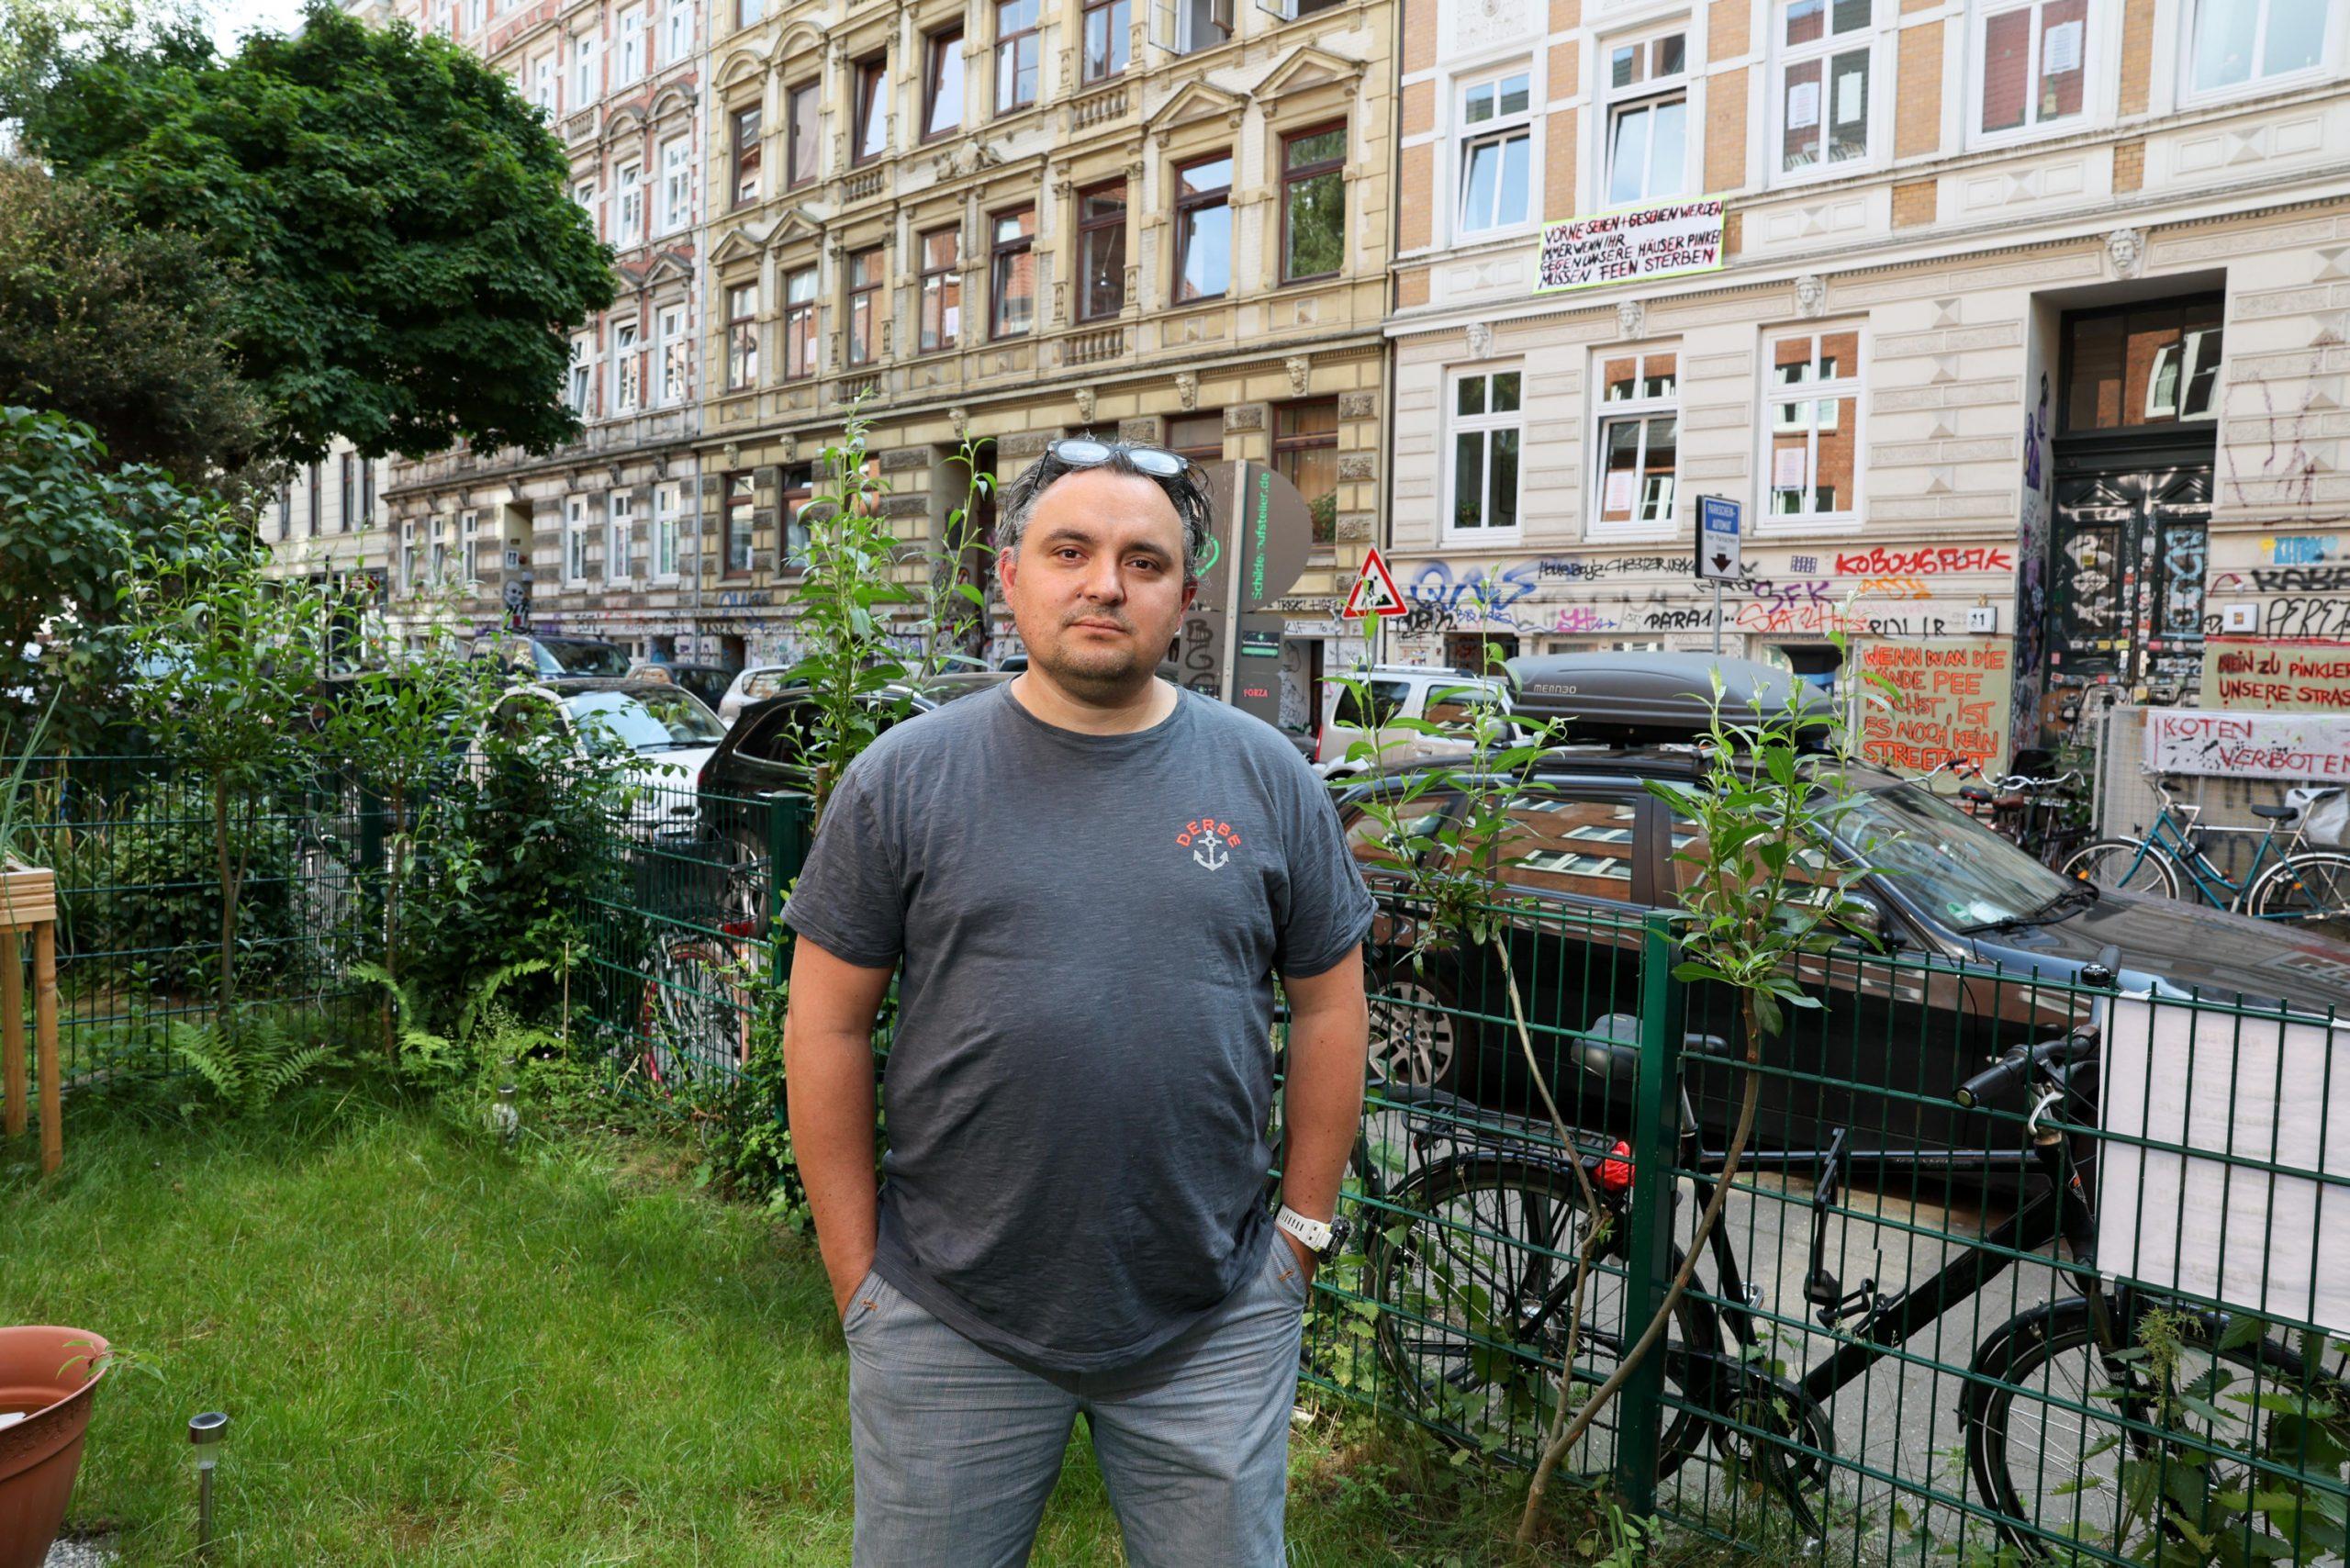 Anwohner mit einem kleinen Garten, John Rosenau.